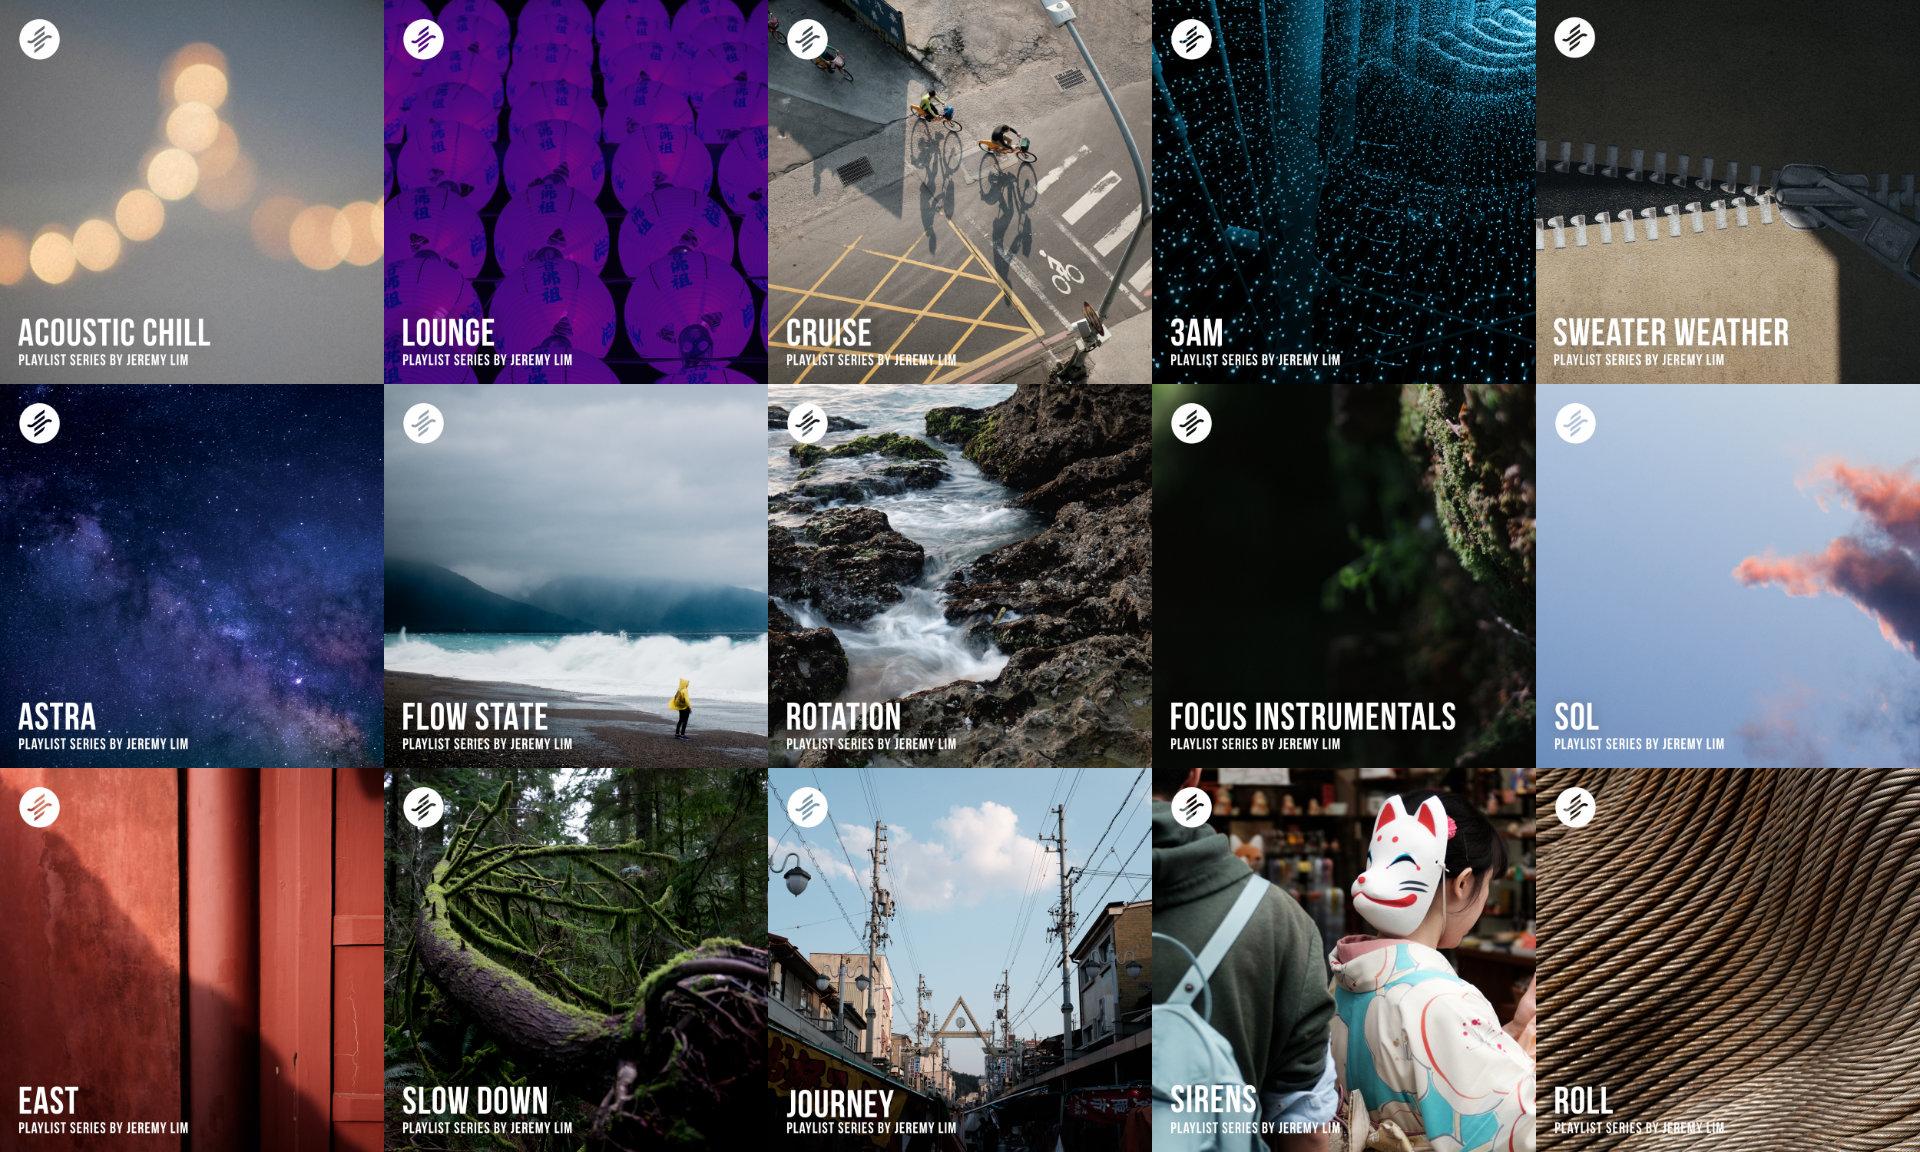 Playlist Series by Jeremy Lim